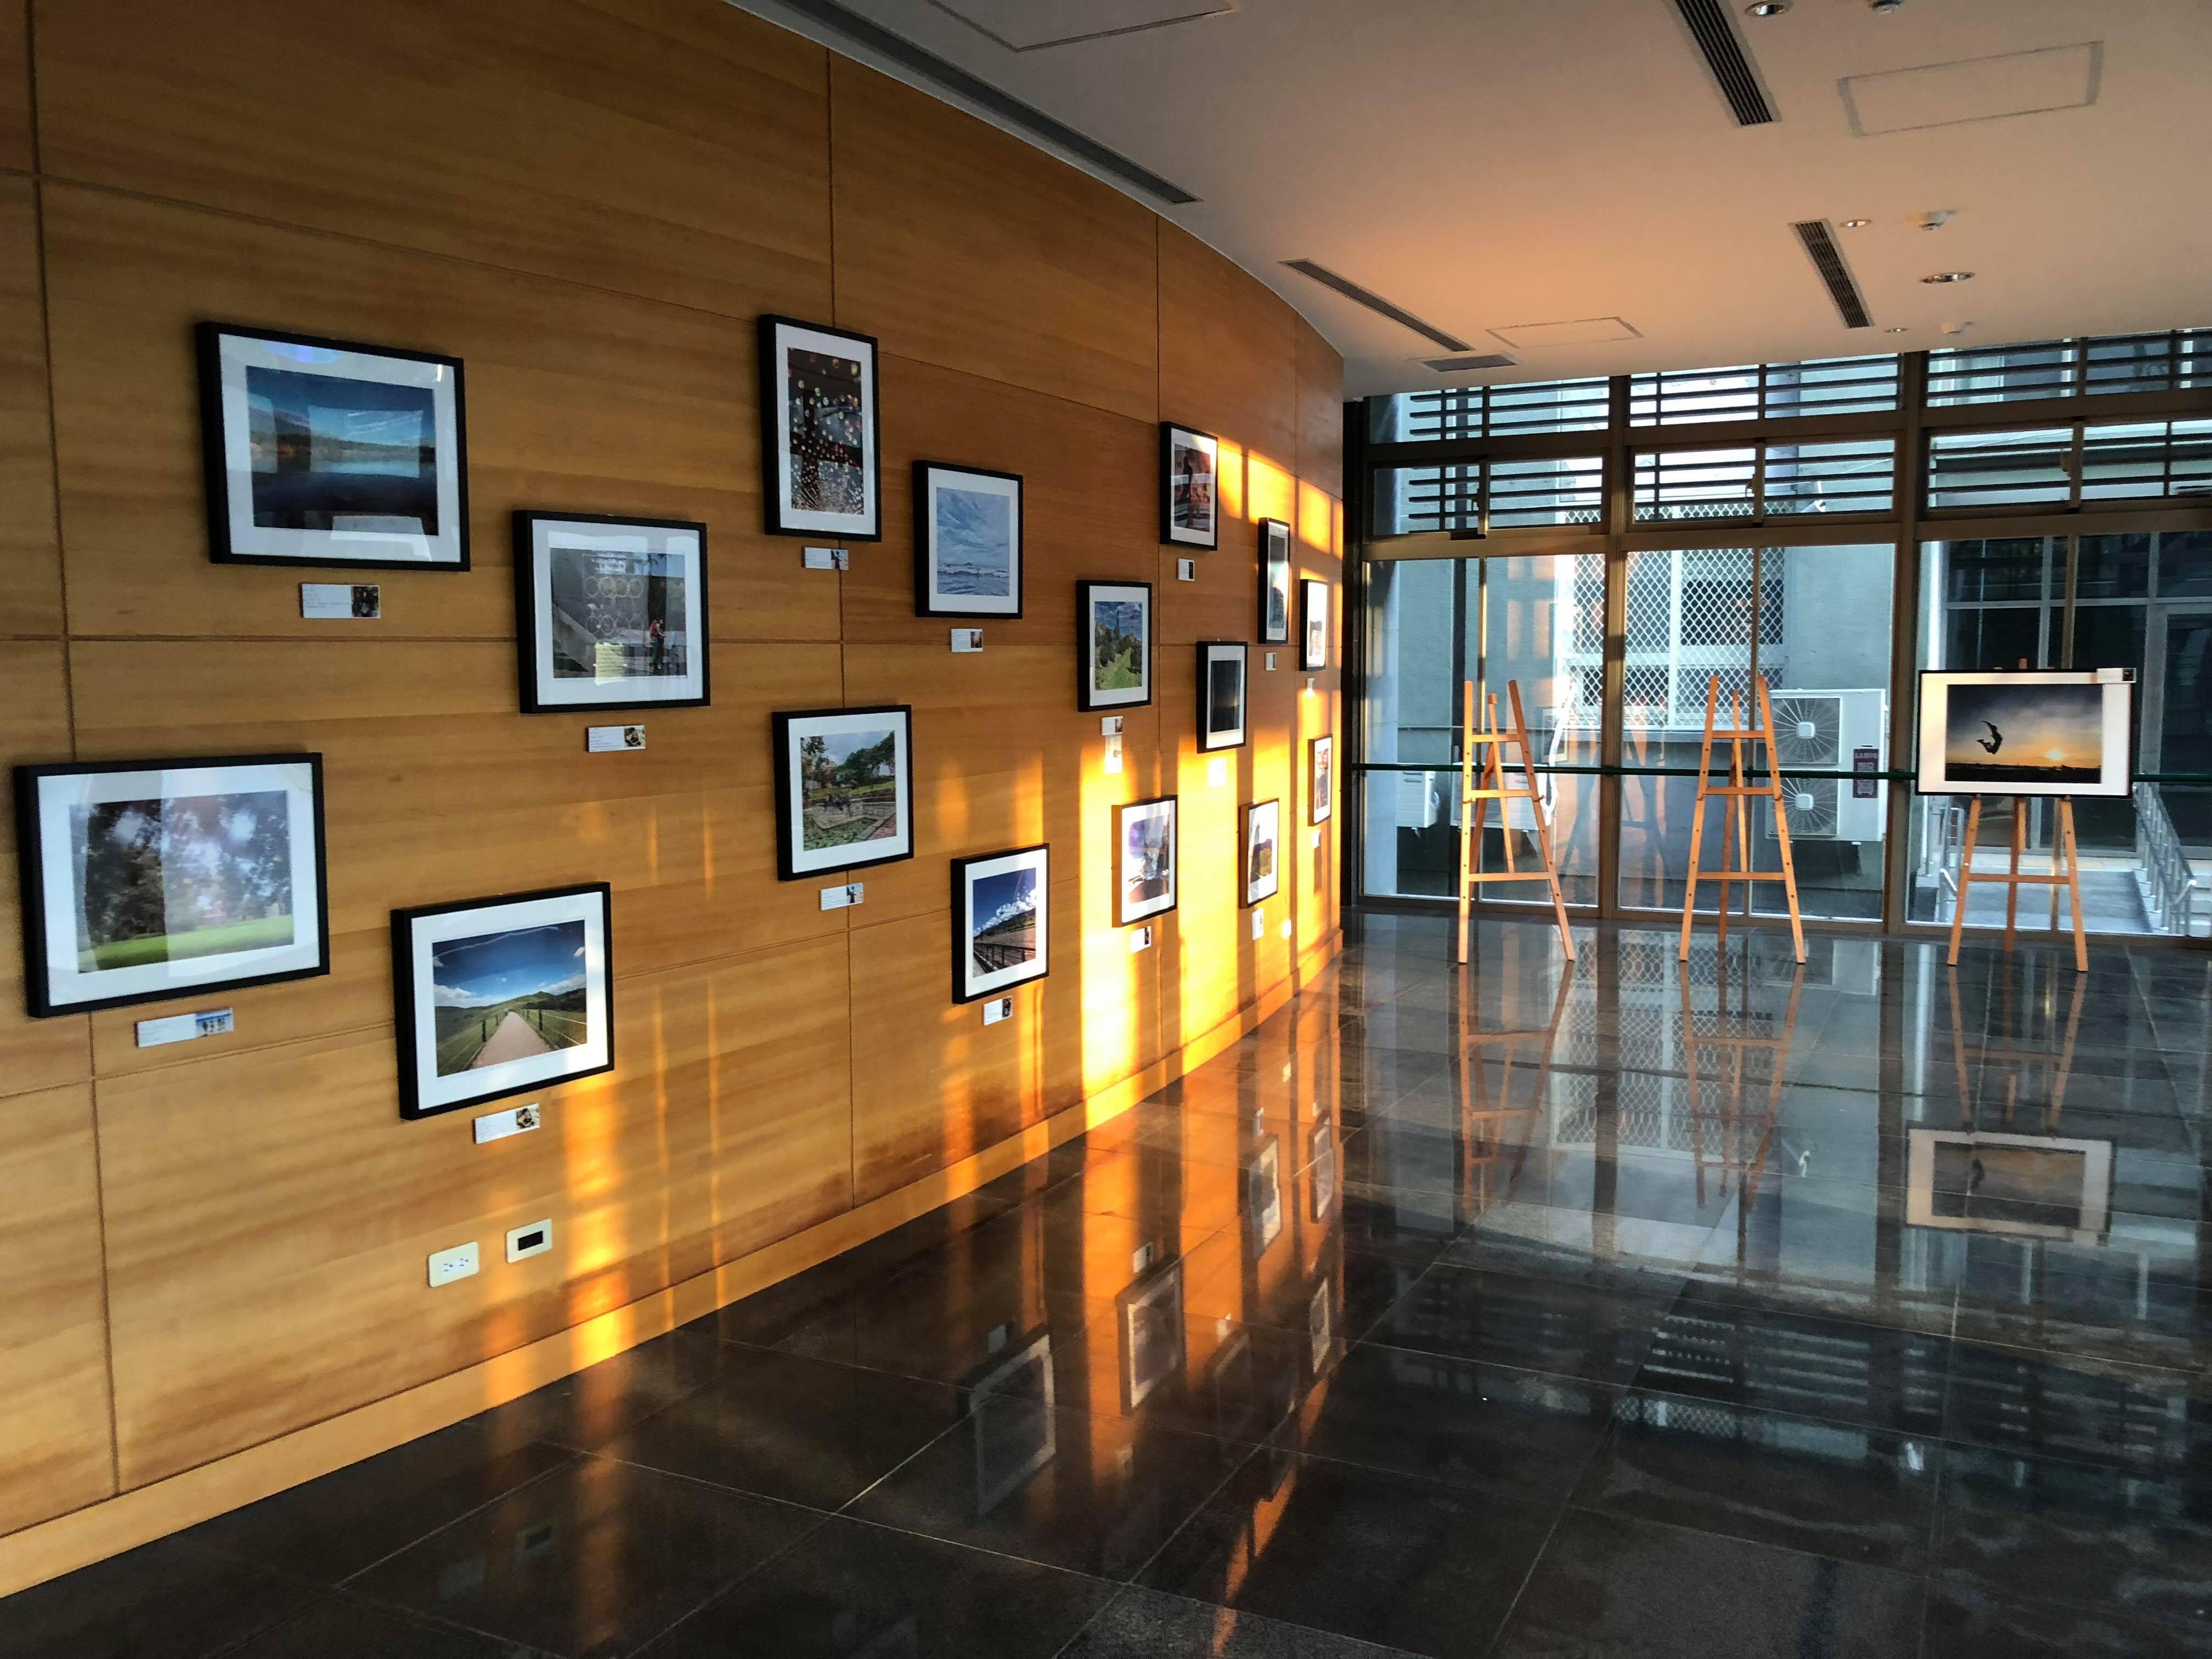 《ThousandSmile》活動於國農大樓一樓設有繪圖展及攝影展